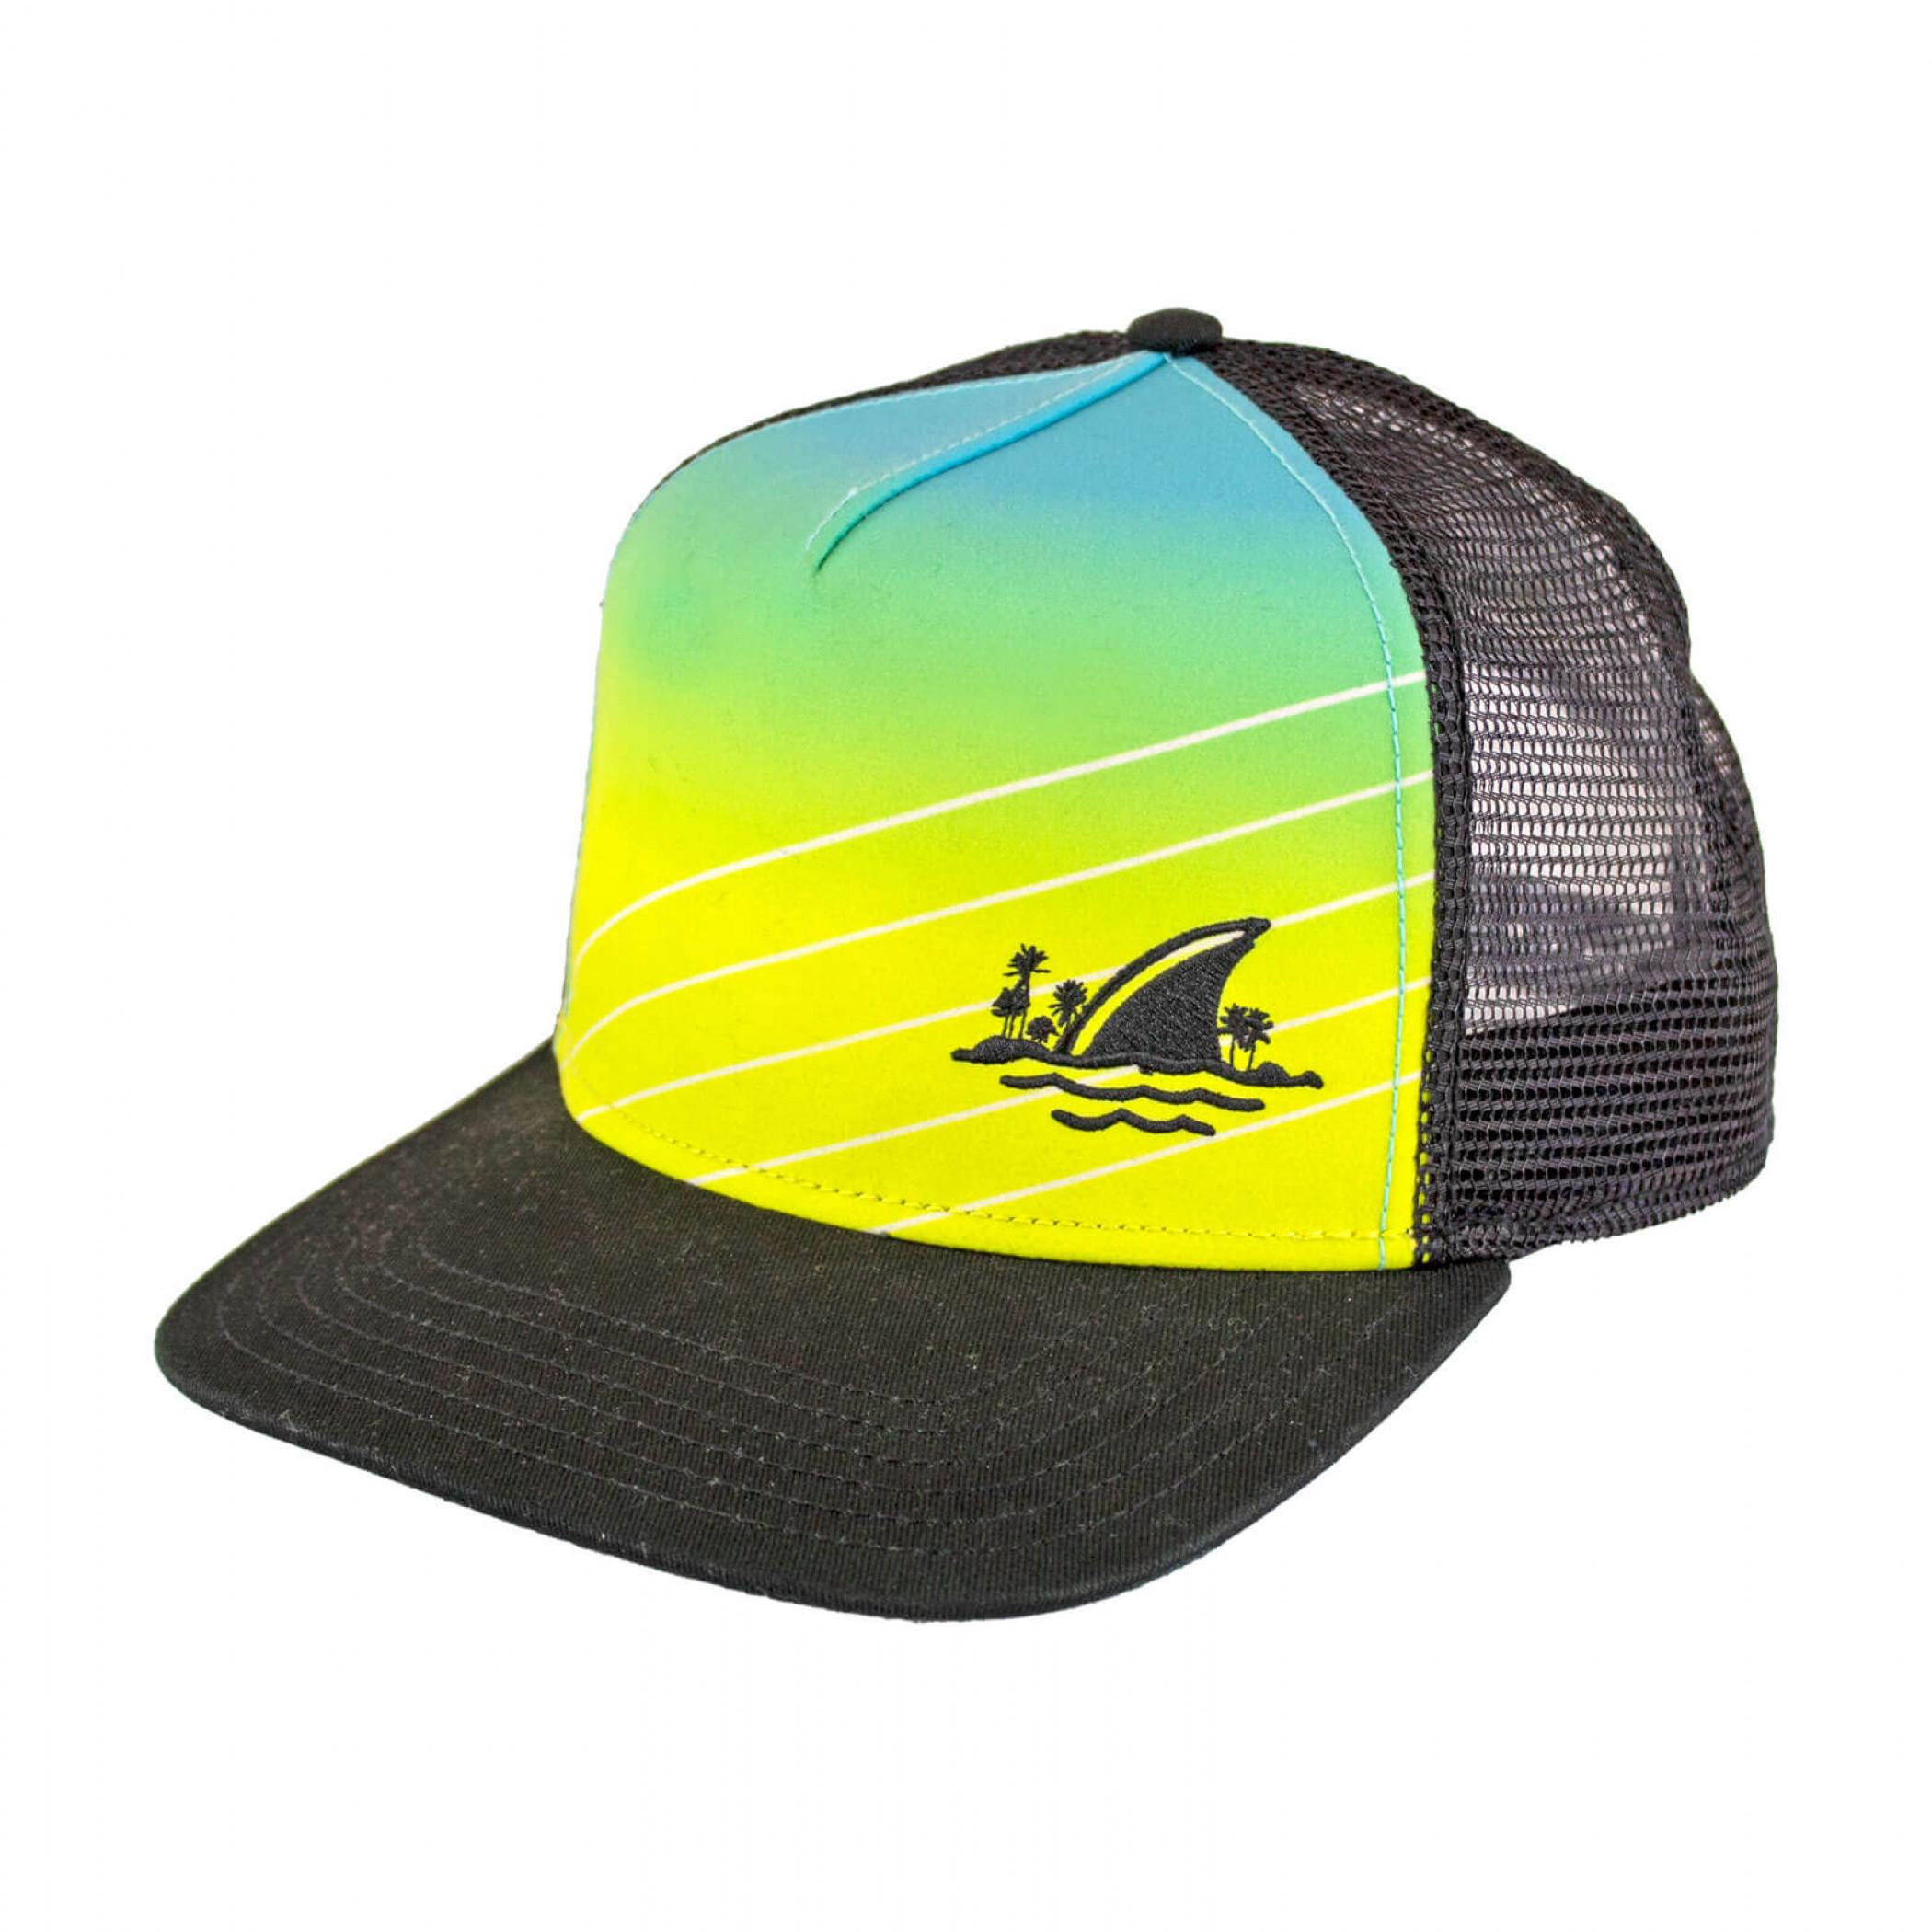 Landshark Beer Fin Snapback Trucker Hat